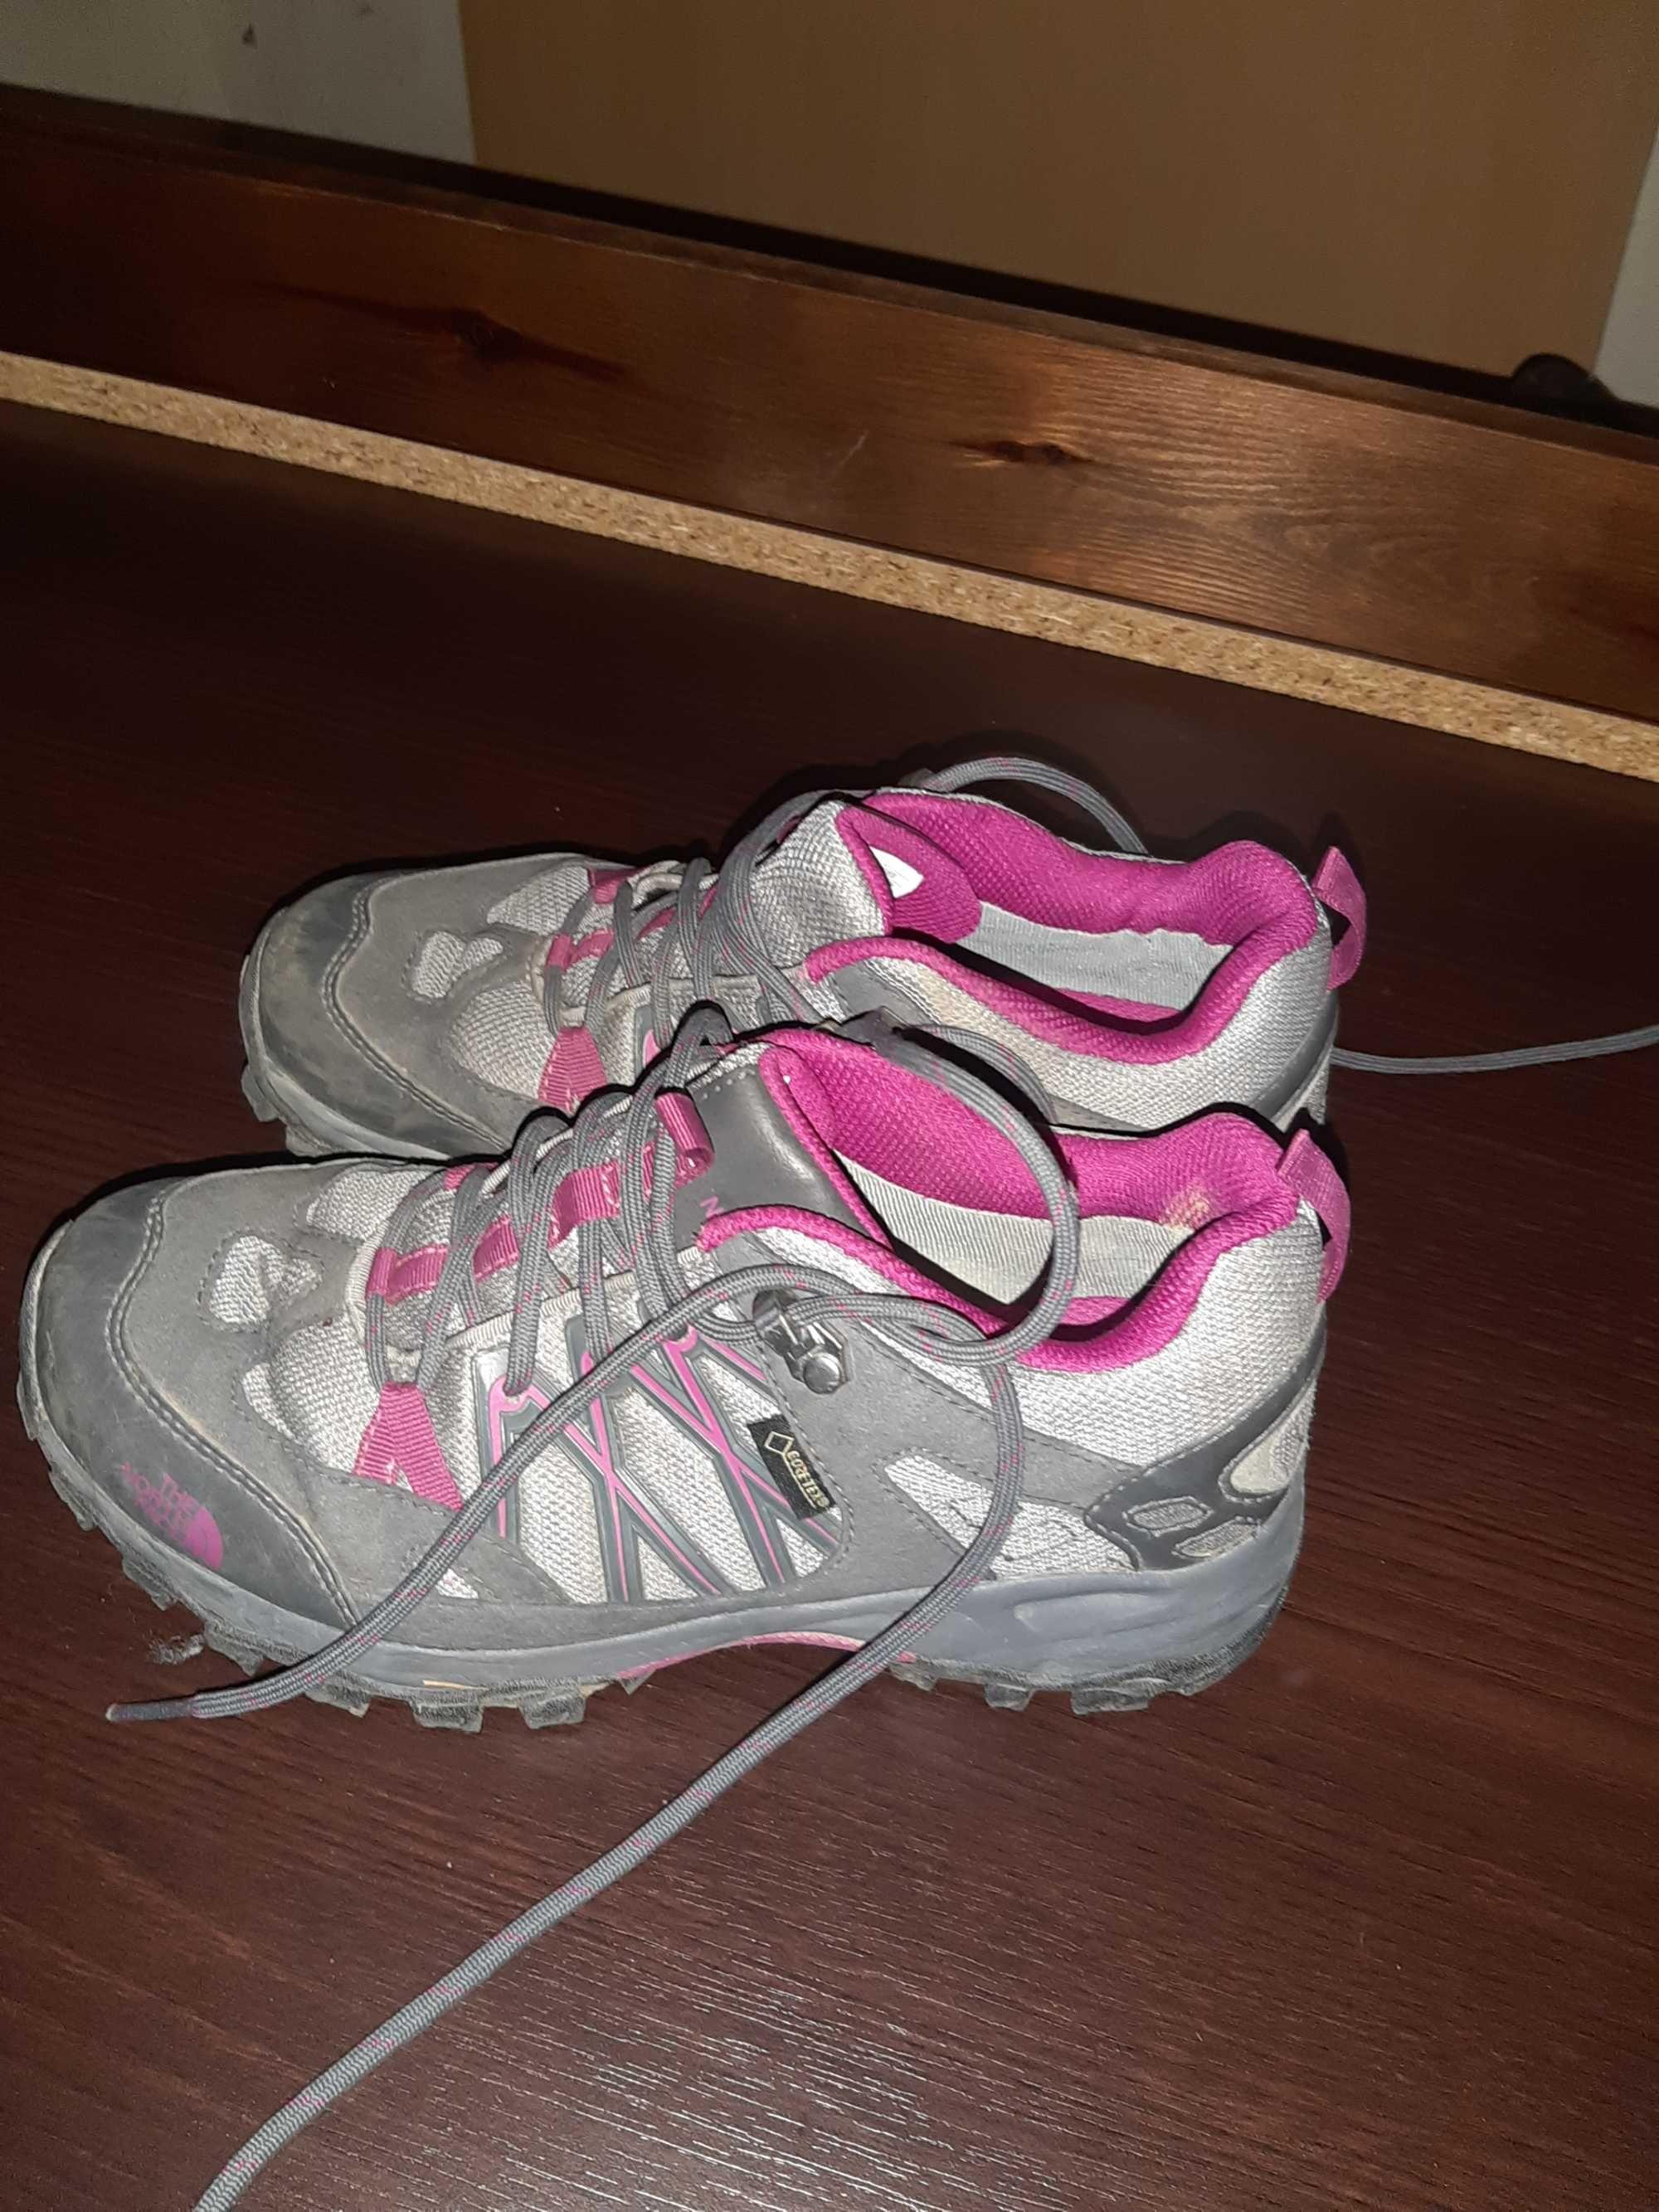 Damskie buty trekkingowe, rozm 37.